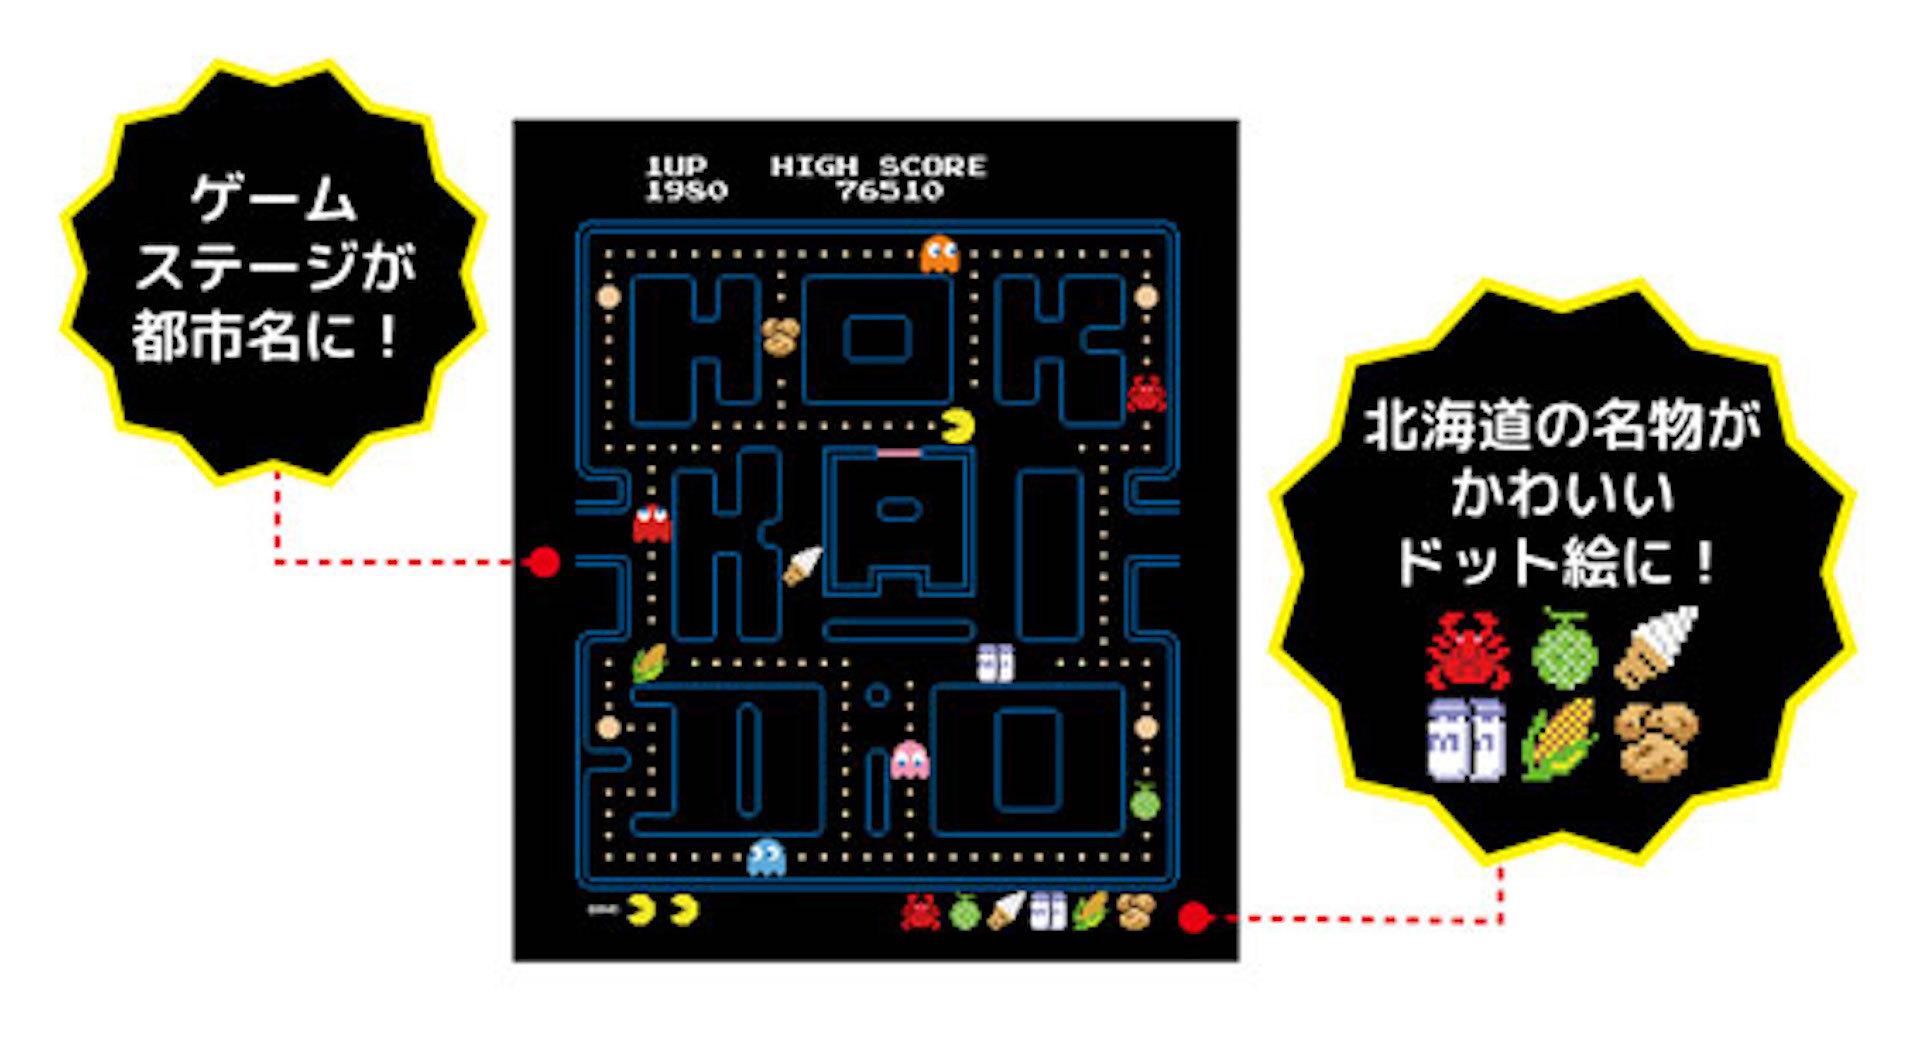 ご当地パックマン 「 Hokkaido 」 トレーナー  ブラック  (CONTROLLER 限定商品)